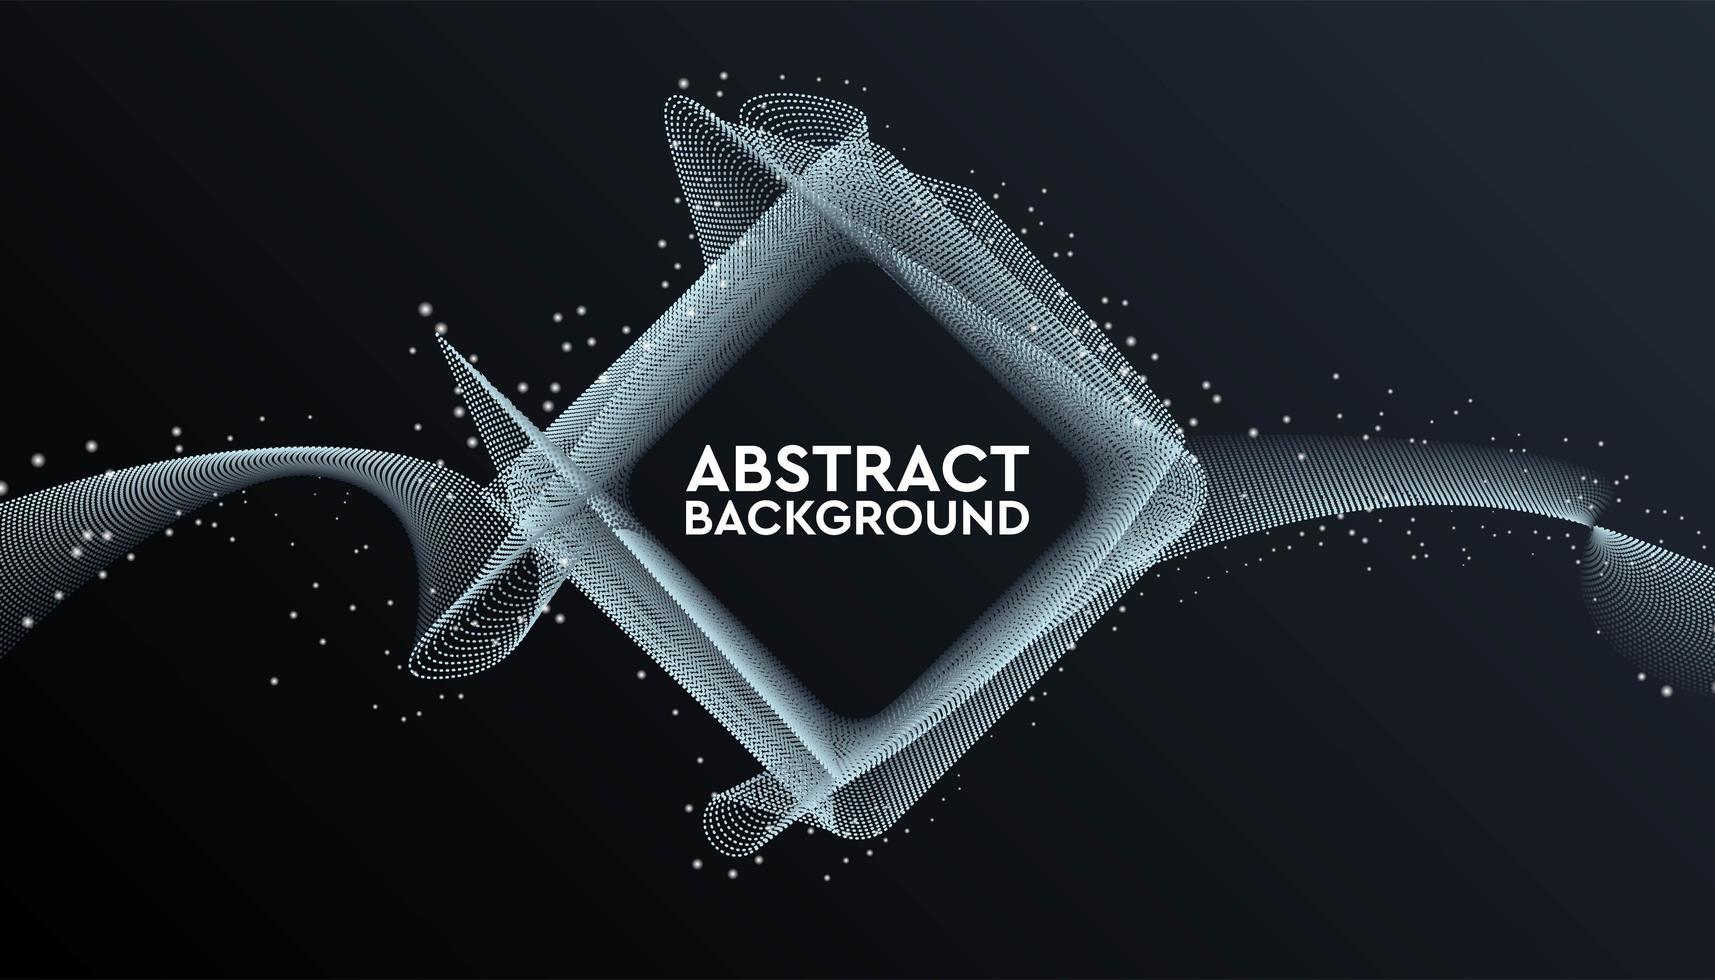 schwarzes und graues abstraktes geometrisches quadratisches Banner vektor